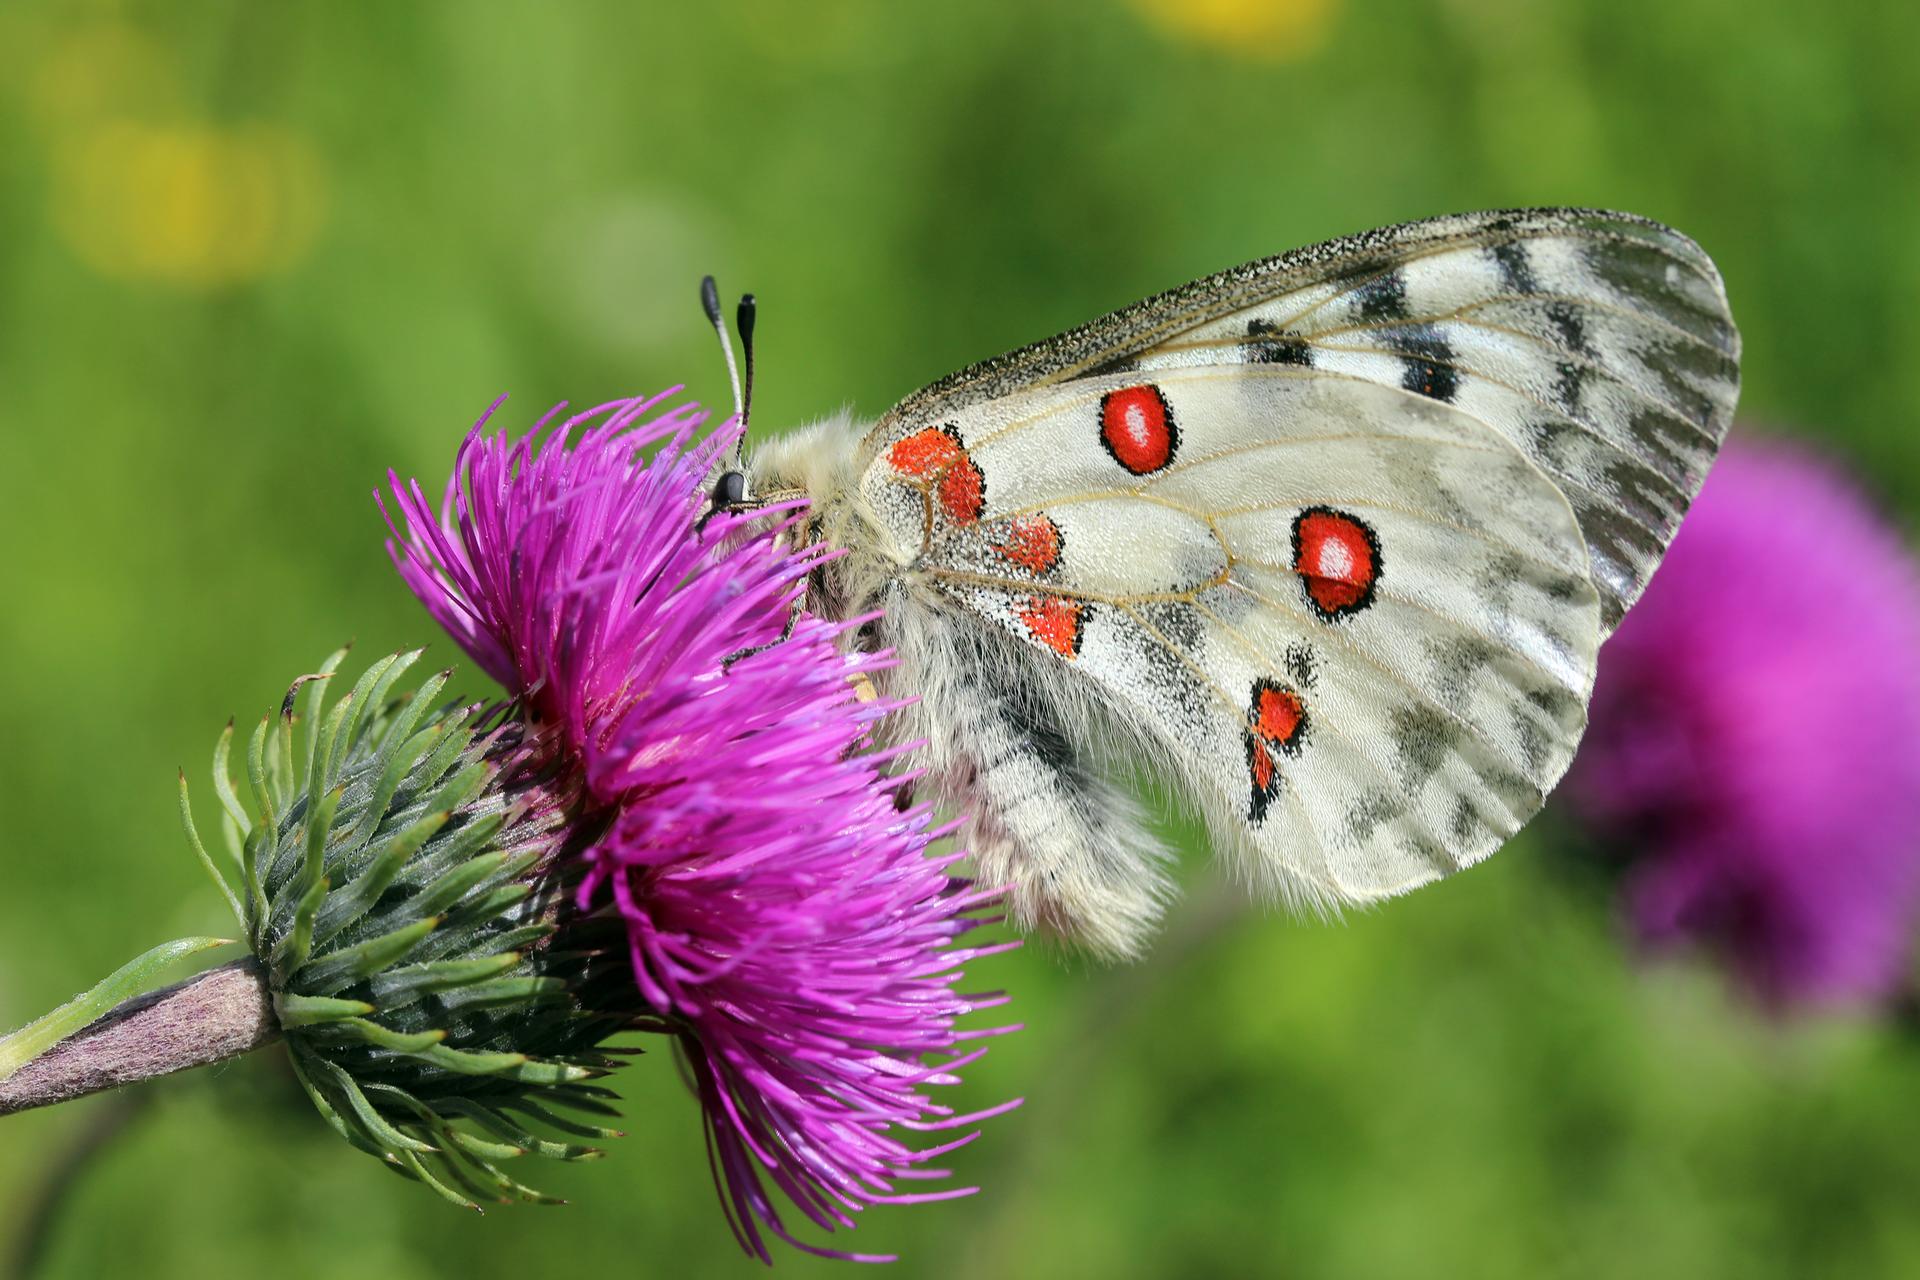 Fotografia prezentuje motyla niepylaka Apollo siedzącego na fioletowym kwiecie.